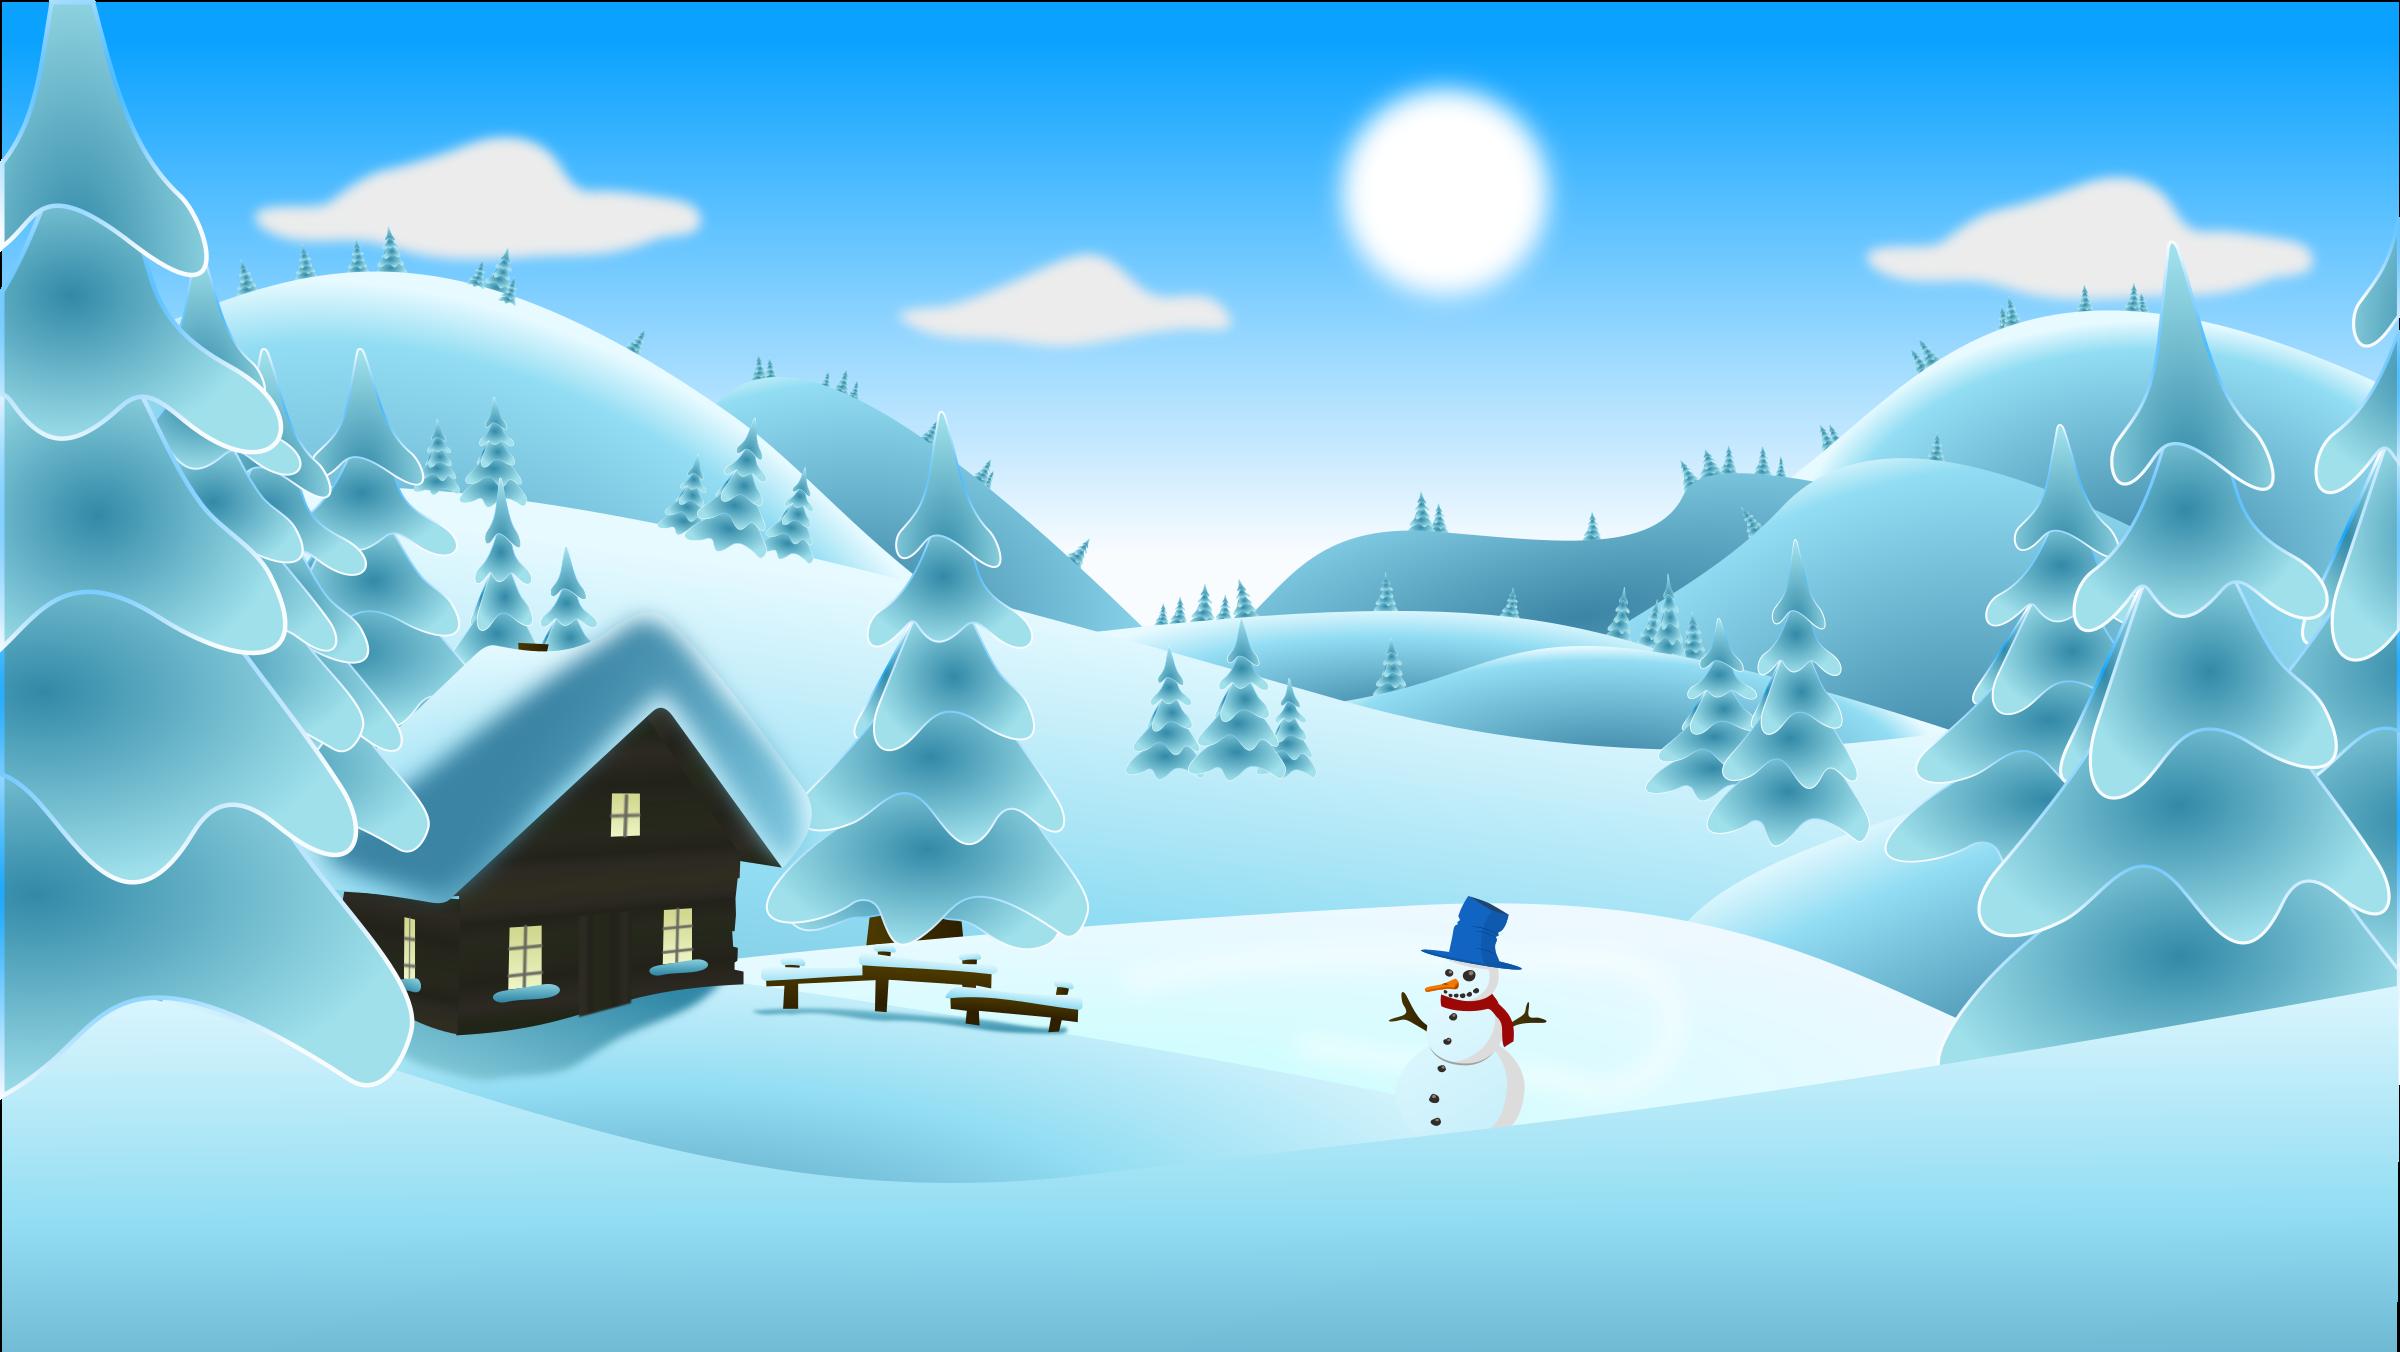 Lodge clipart winter scene Landscape Landscape Winter Clipart Winter